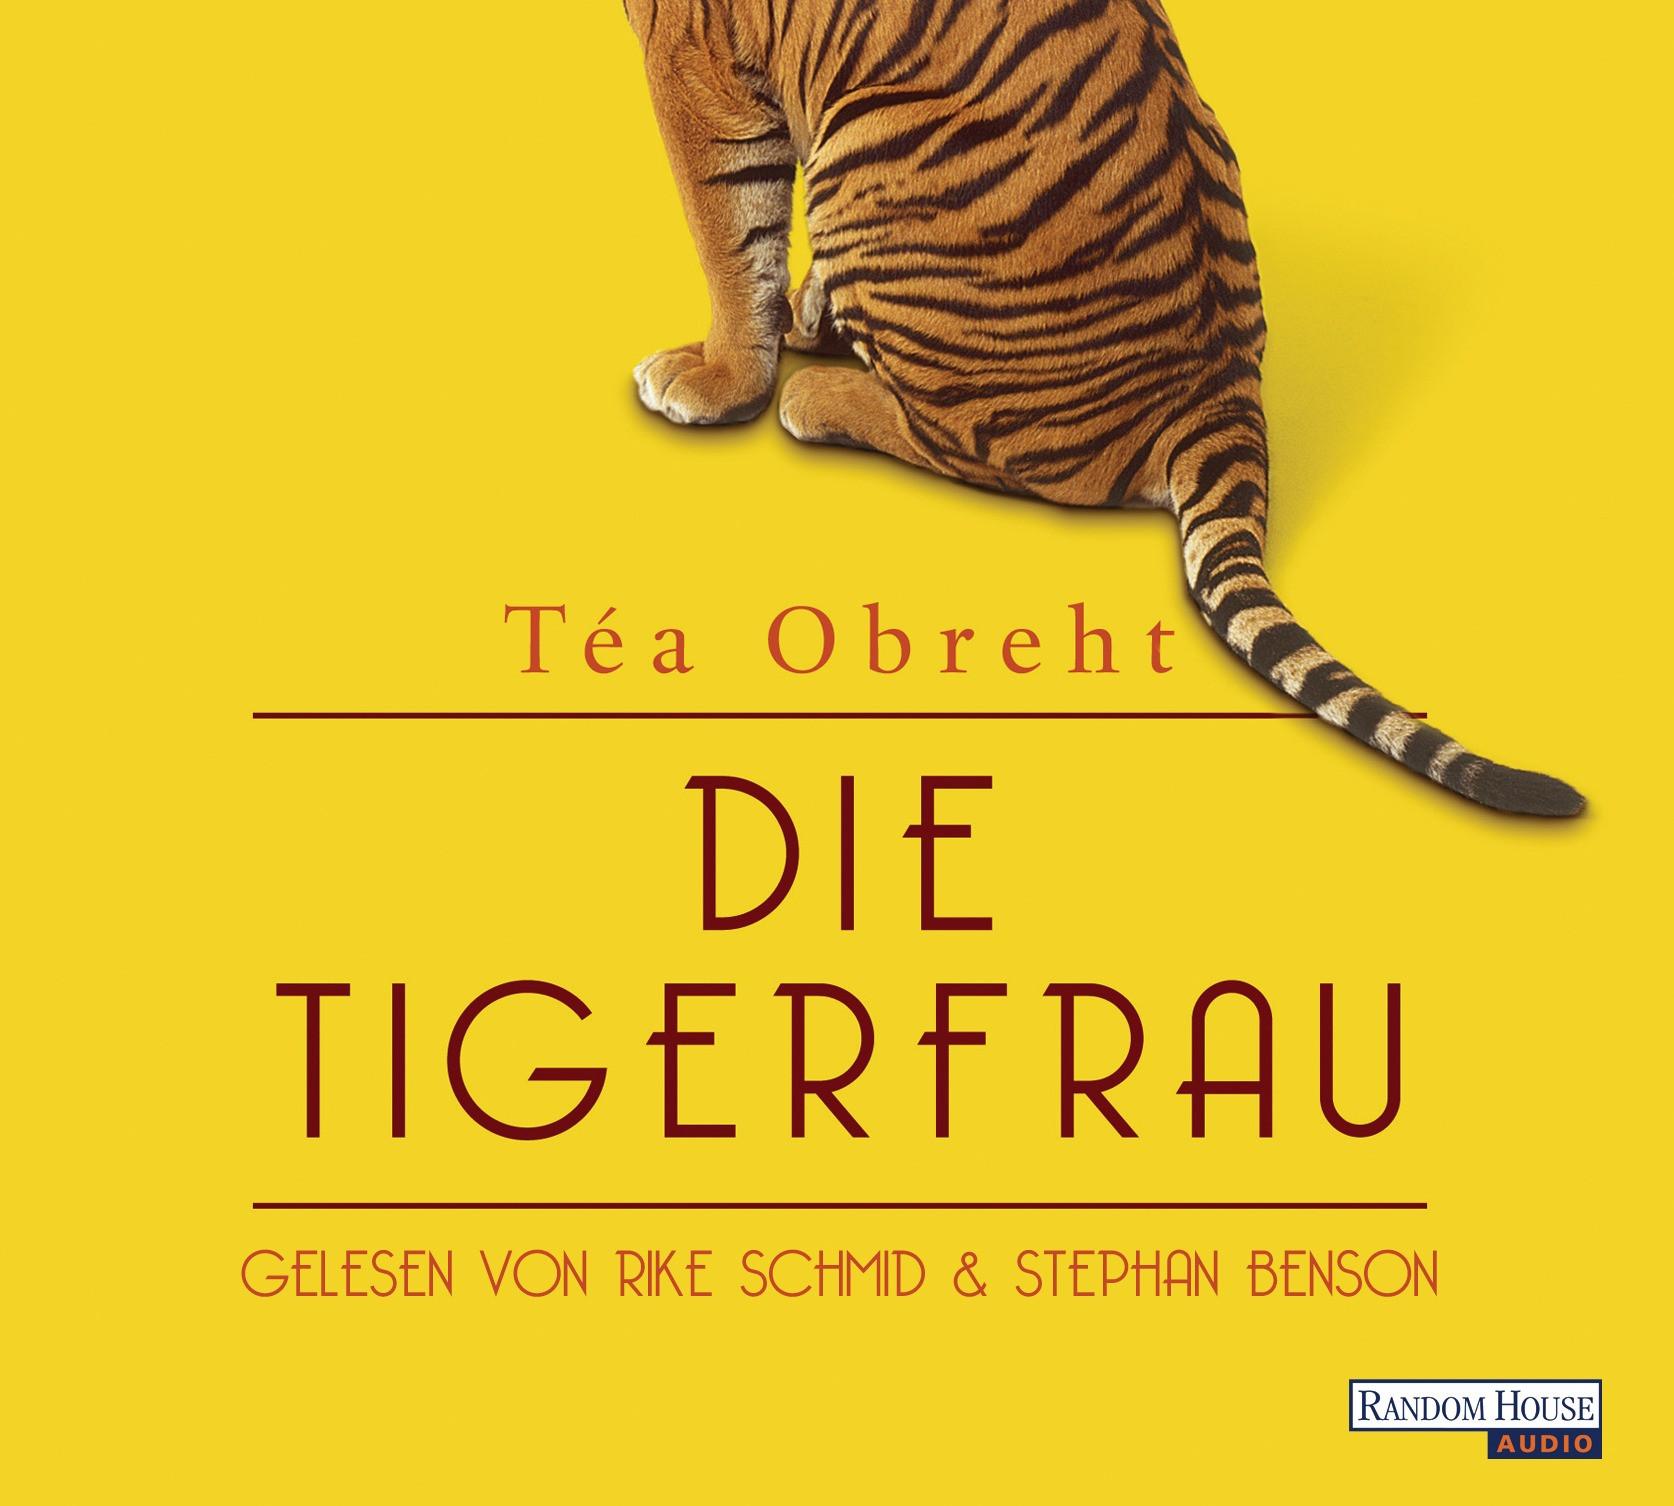 Téa Obreht - Die Tigerfrau